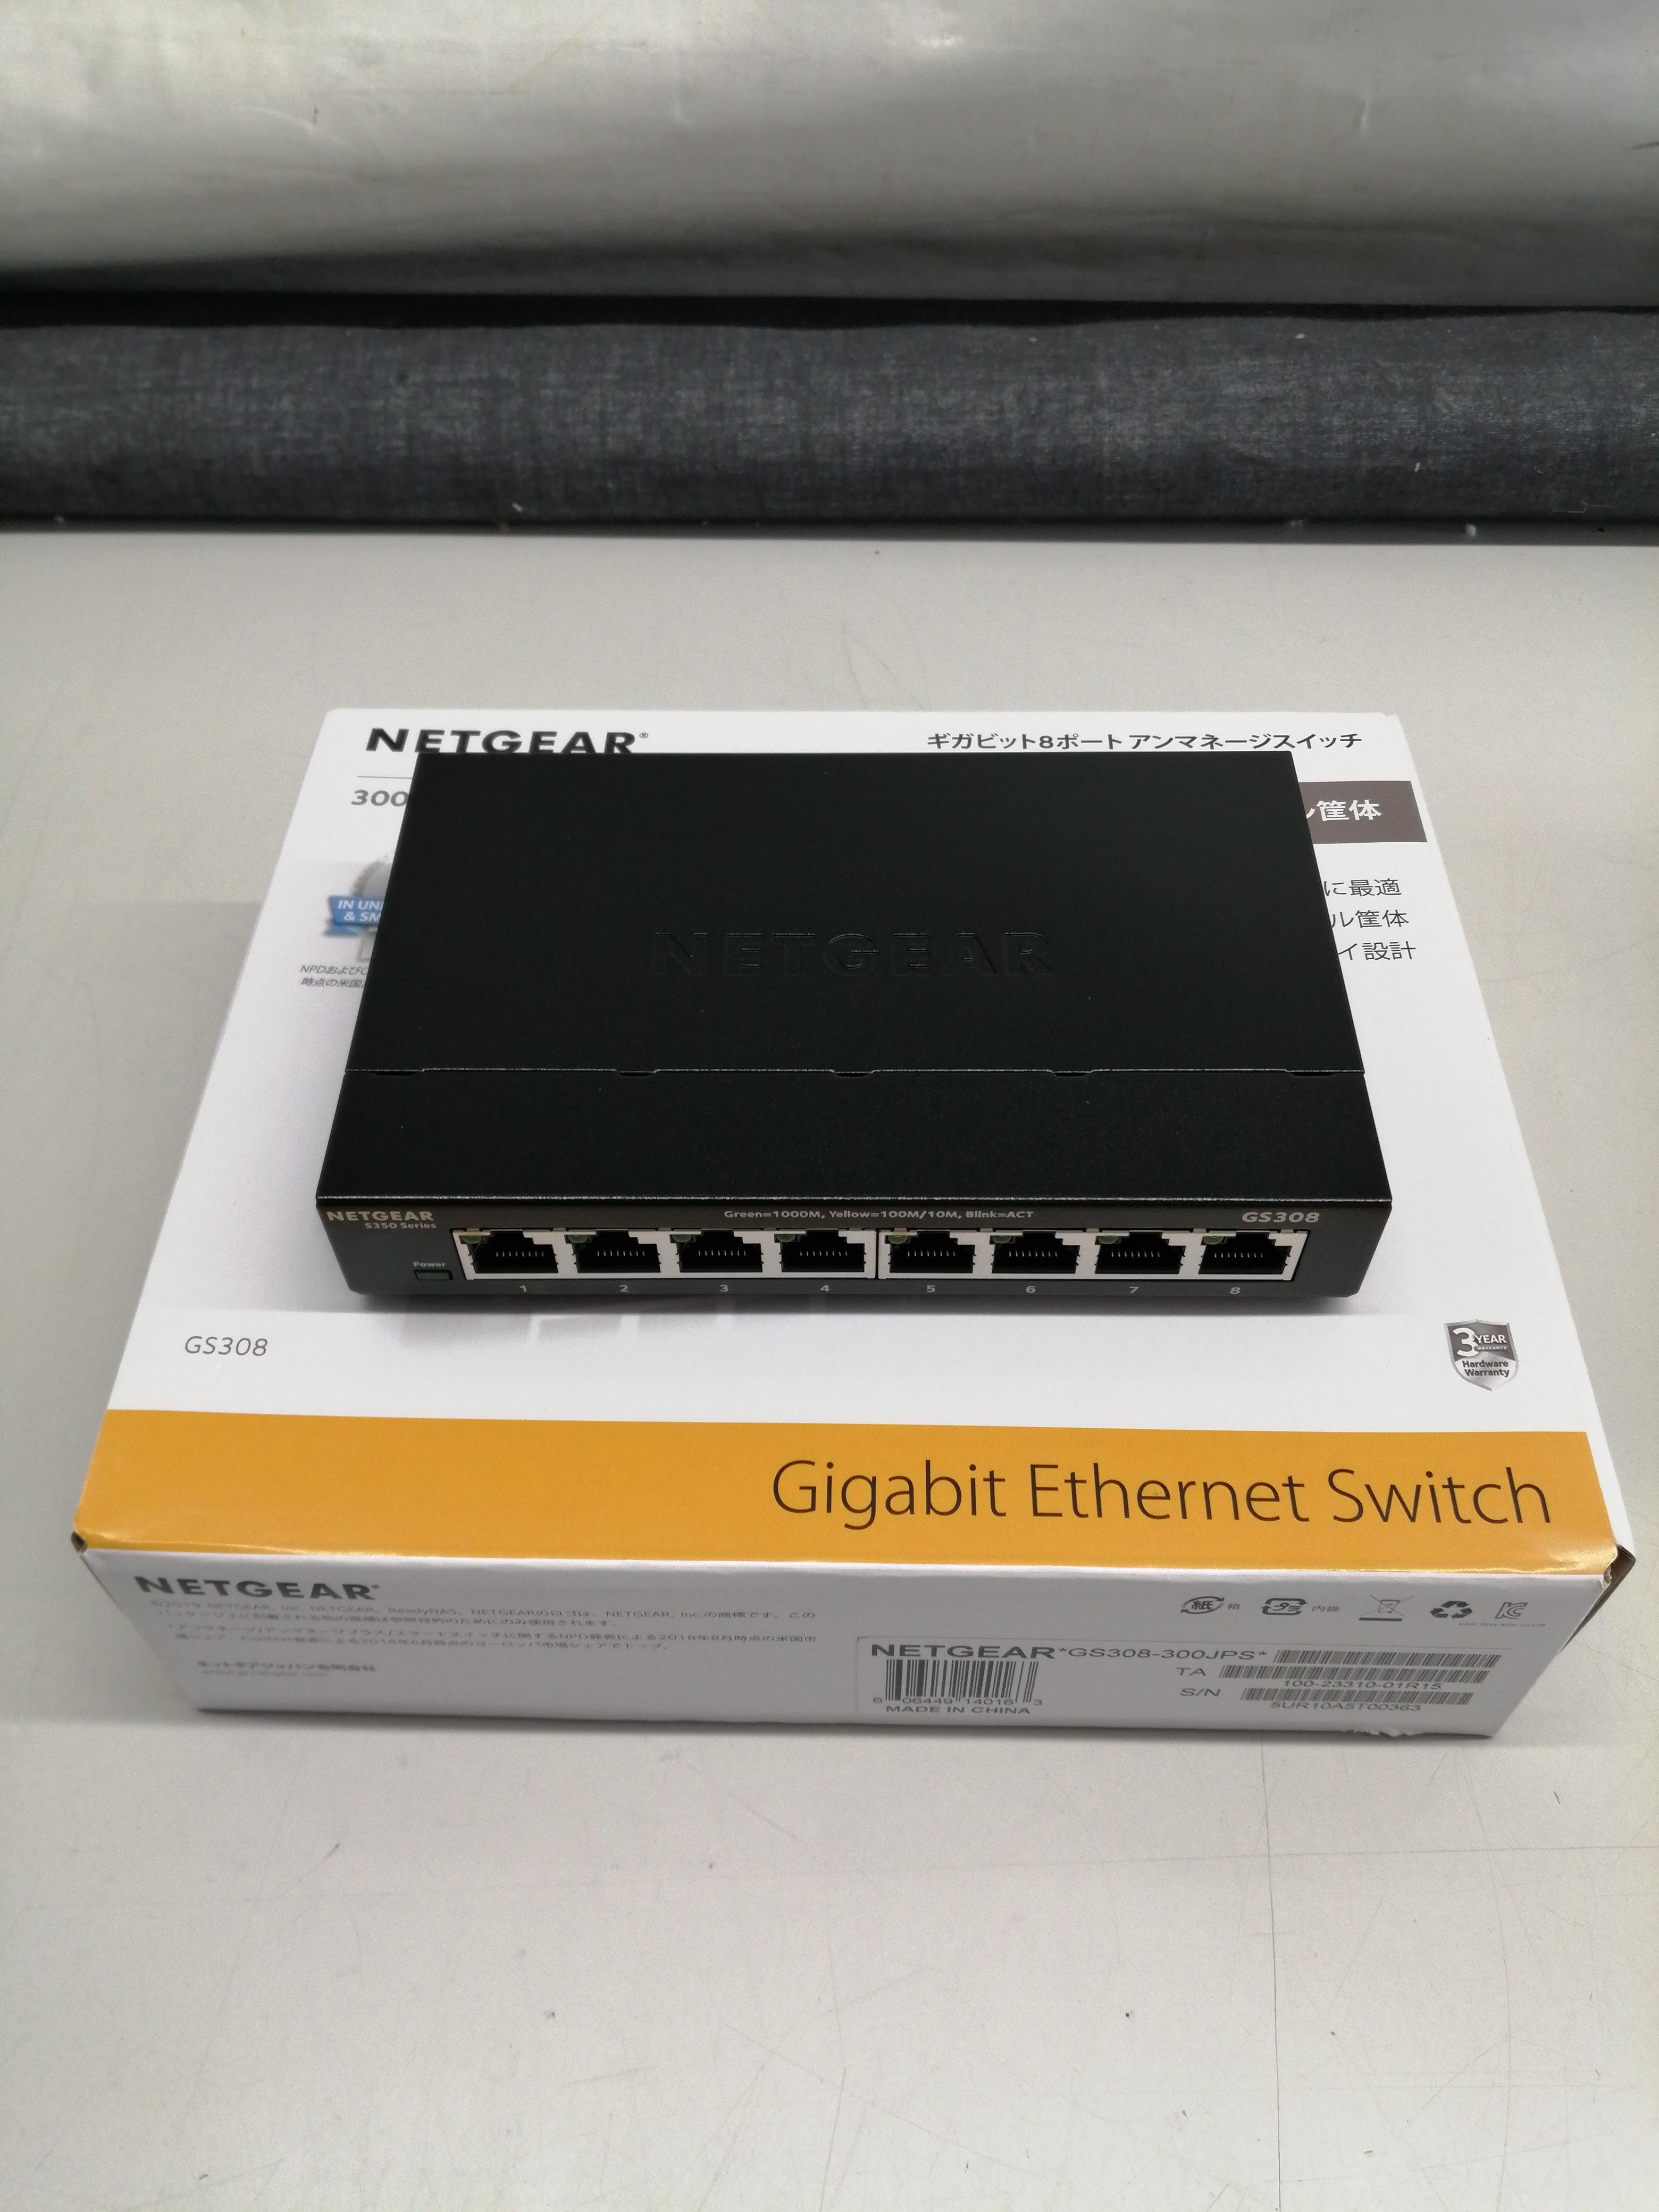 ギガビット8ポート アンマネージスイッチ|NETGEAR